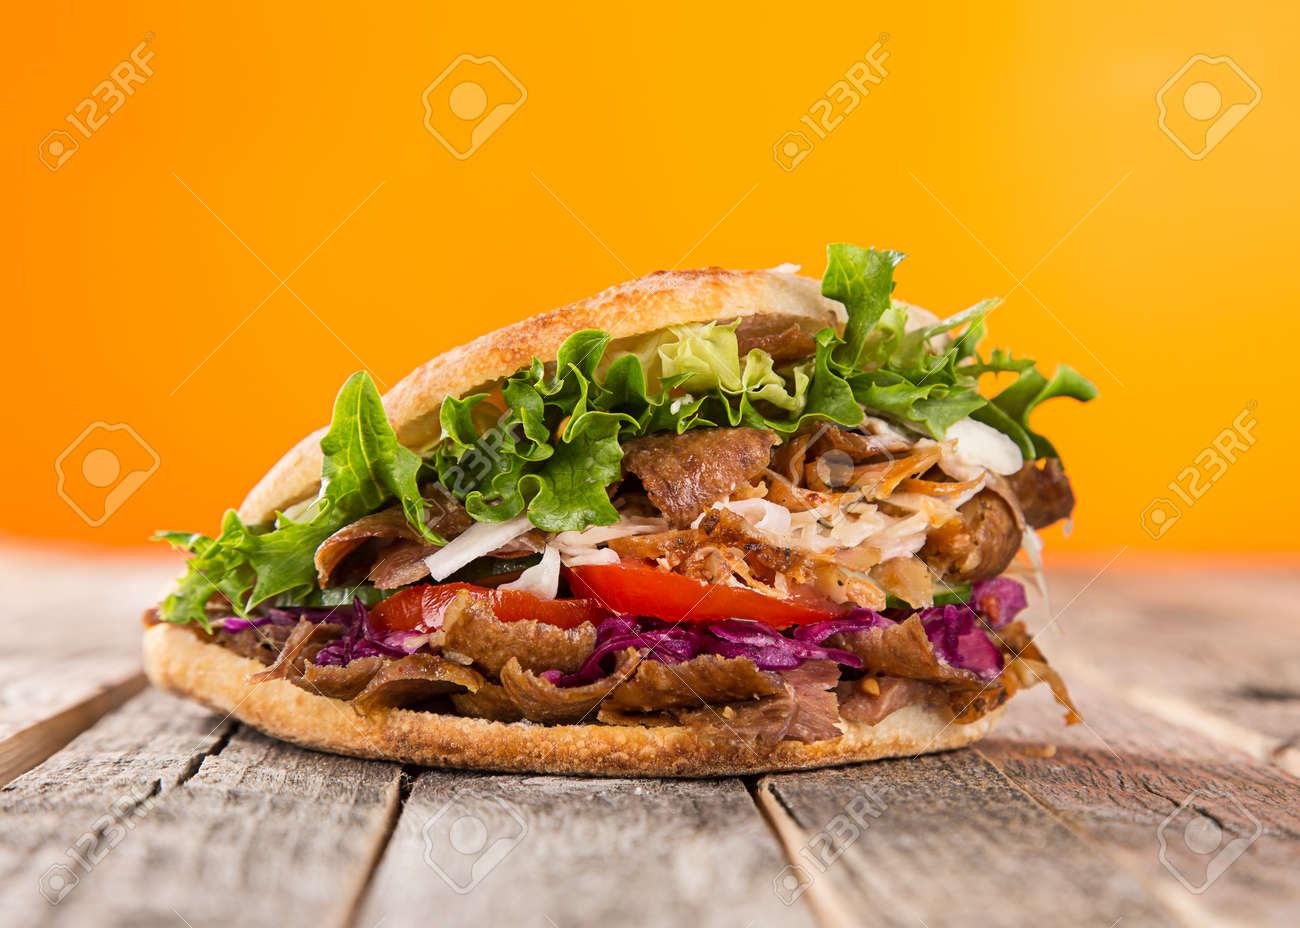 Turkish Doner Kebab Sandwich on wooden background. - 155934436